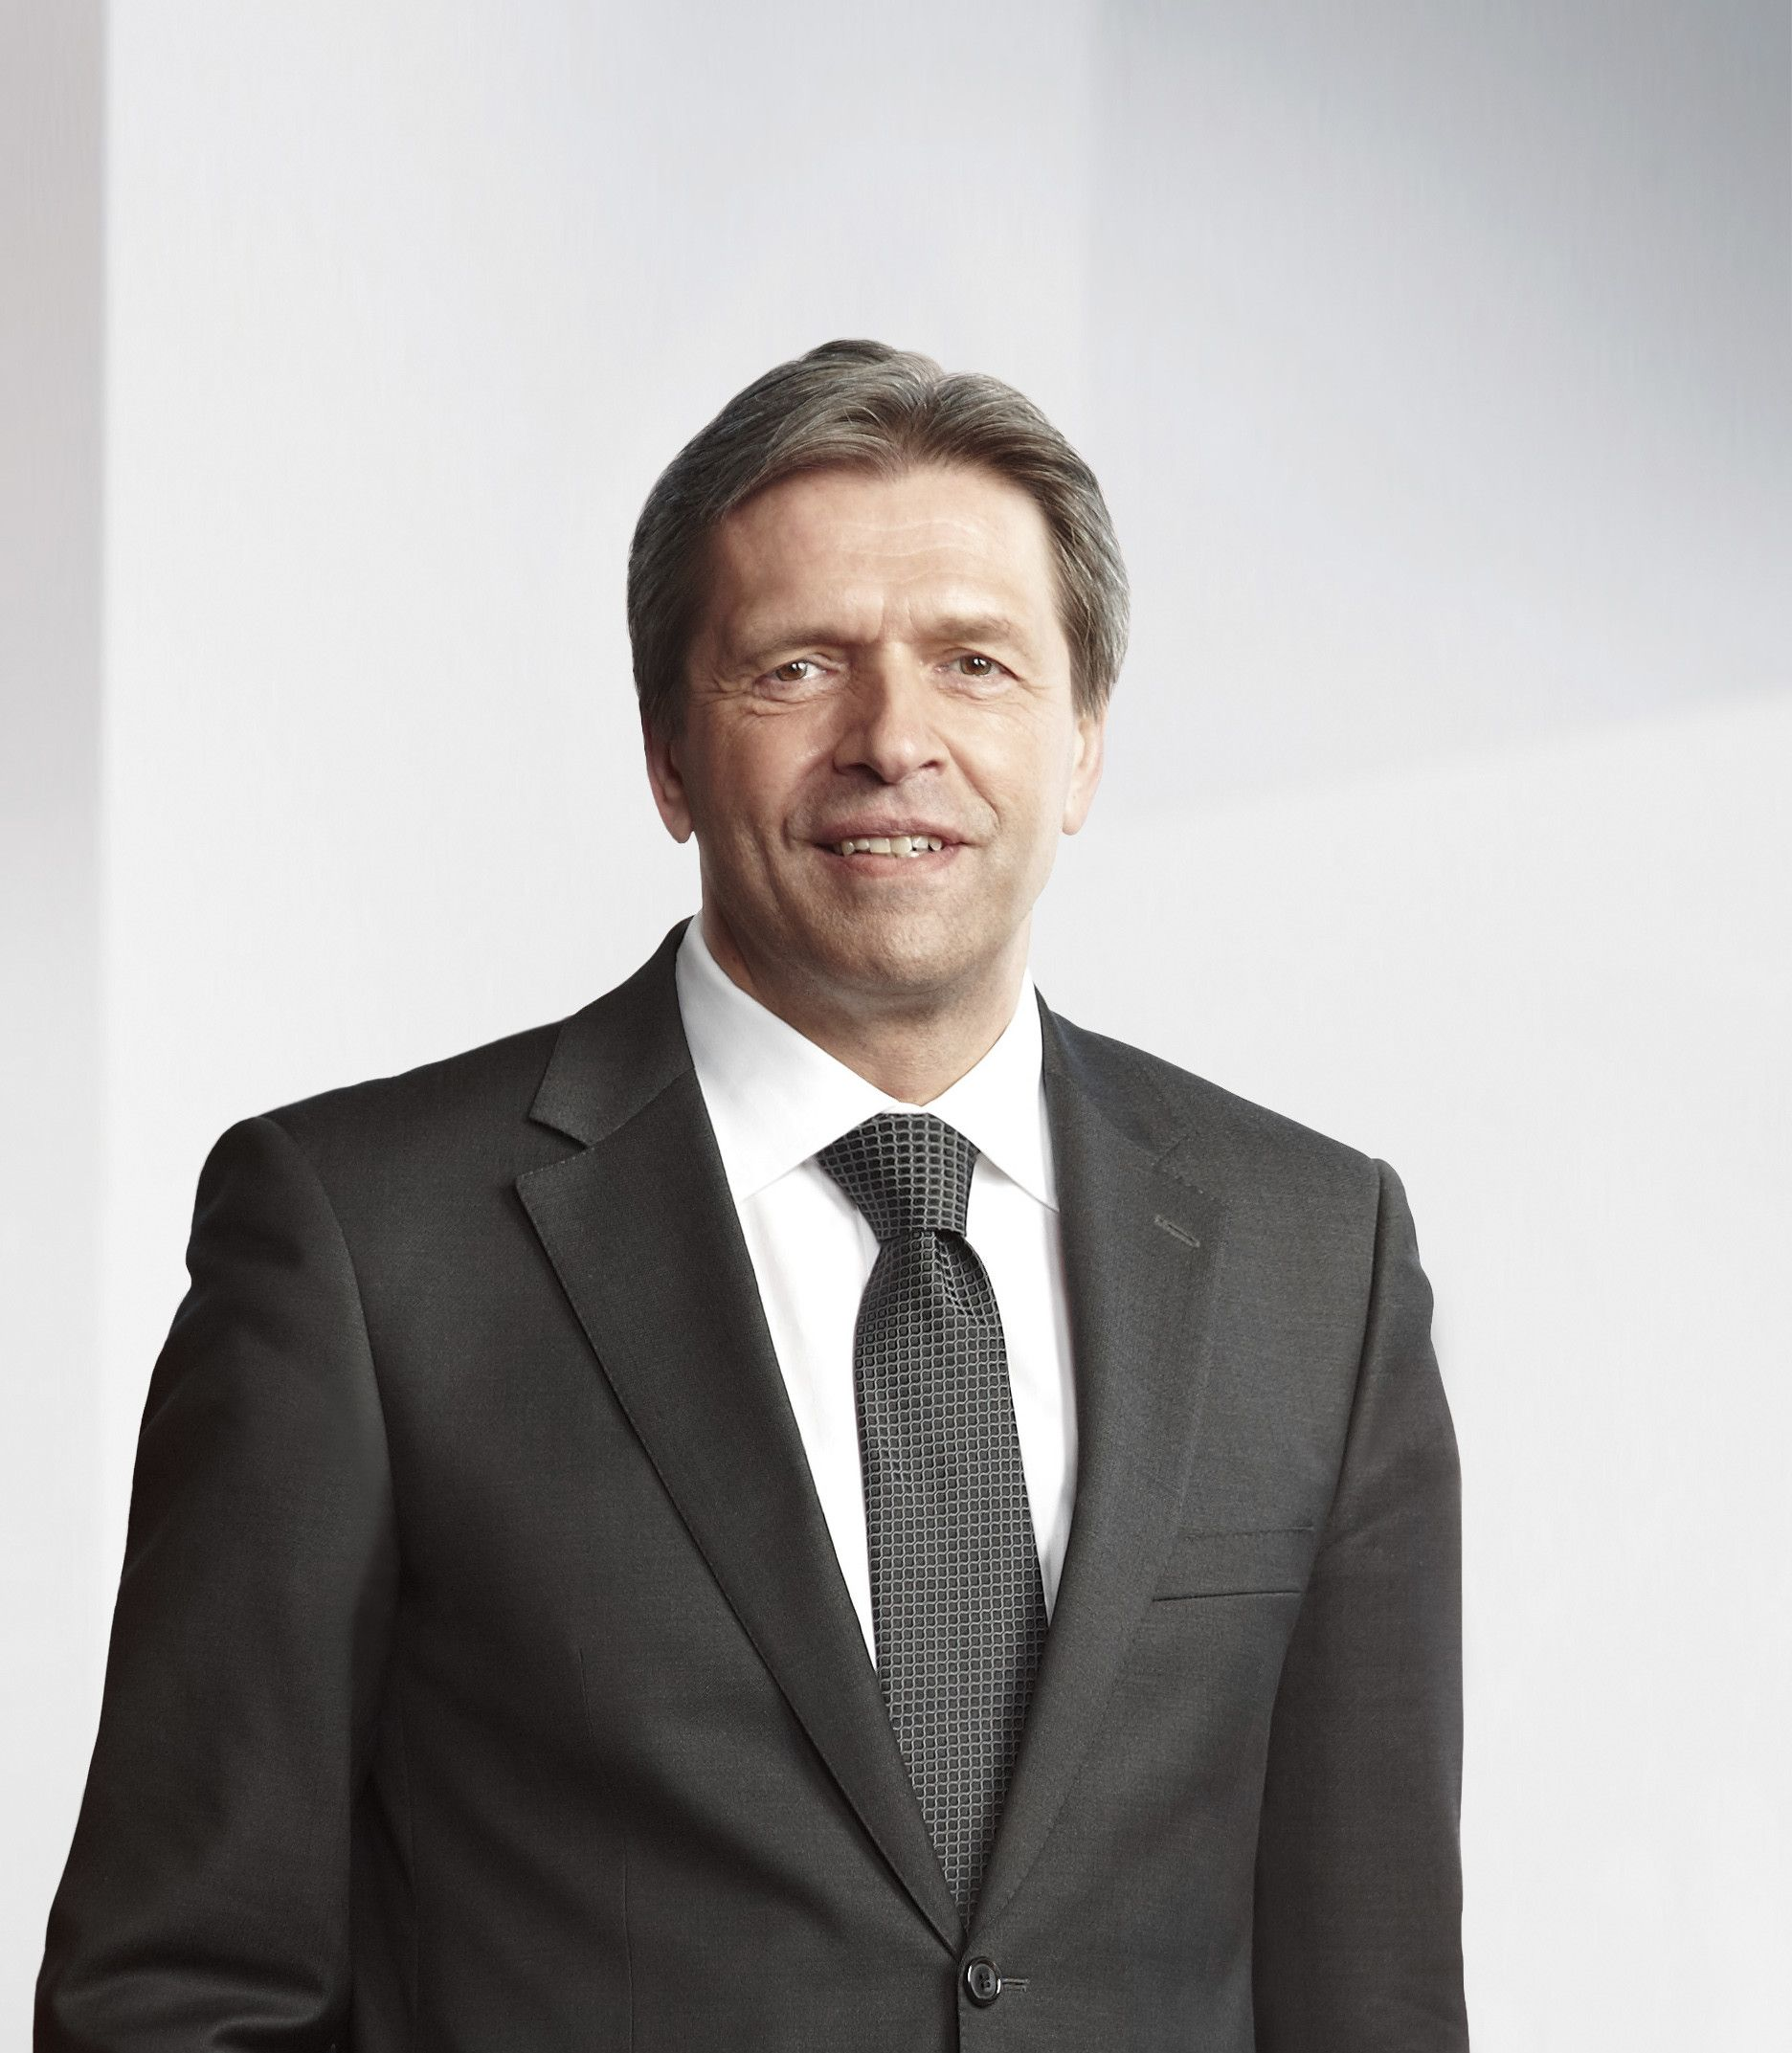 След 14 успешни години на управление в качеството си на Главен изпълнителен директор на Гебрюдер Вайс, в края на 2018 г. Волфганг Ниснер ще напусне оперативната дейност на компанията и ще се оттегли в заслужена почивка (Снимка: Гебрюдер Вайс)